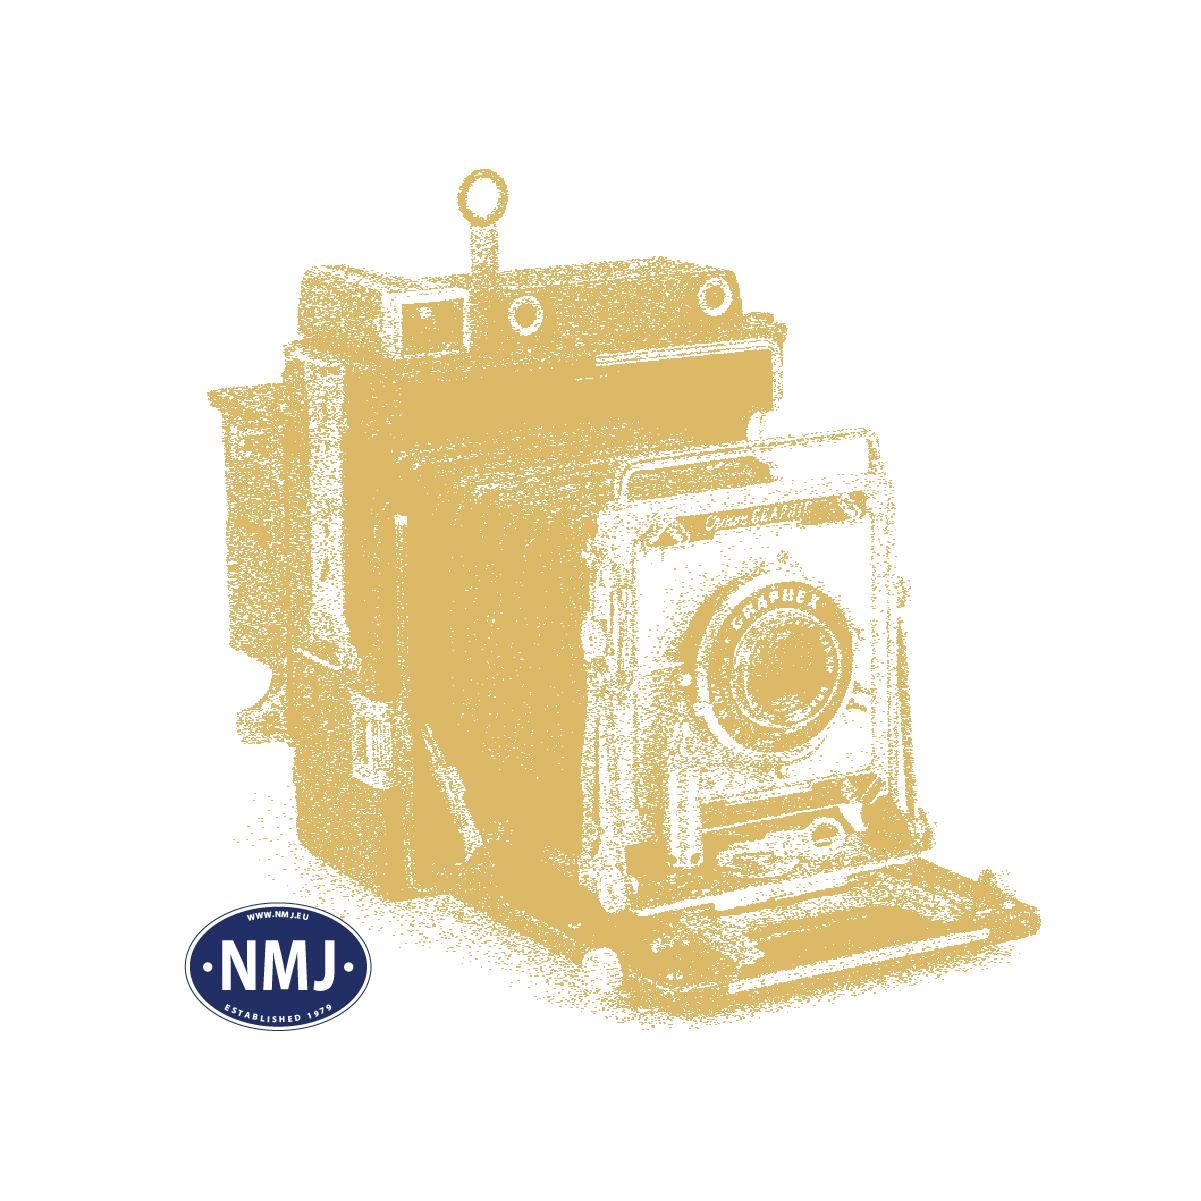 NMJT201.002 - NMJ Topline SJ A2.5047 1 kl. Personvogn, rund SJ logo